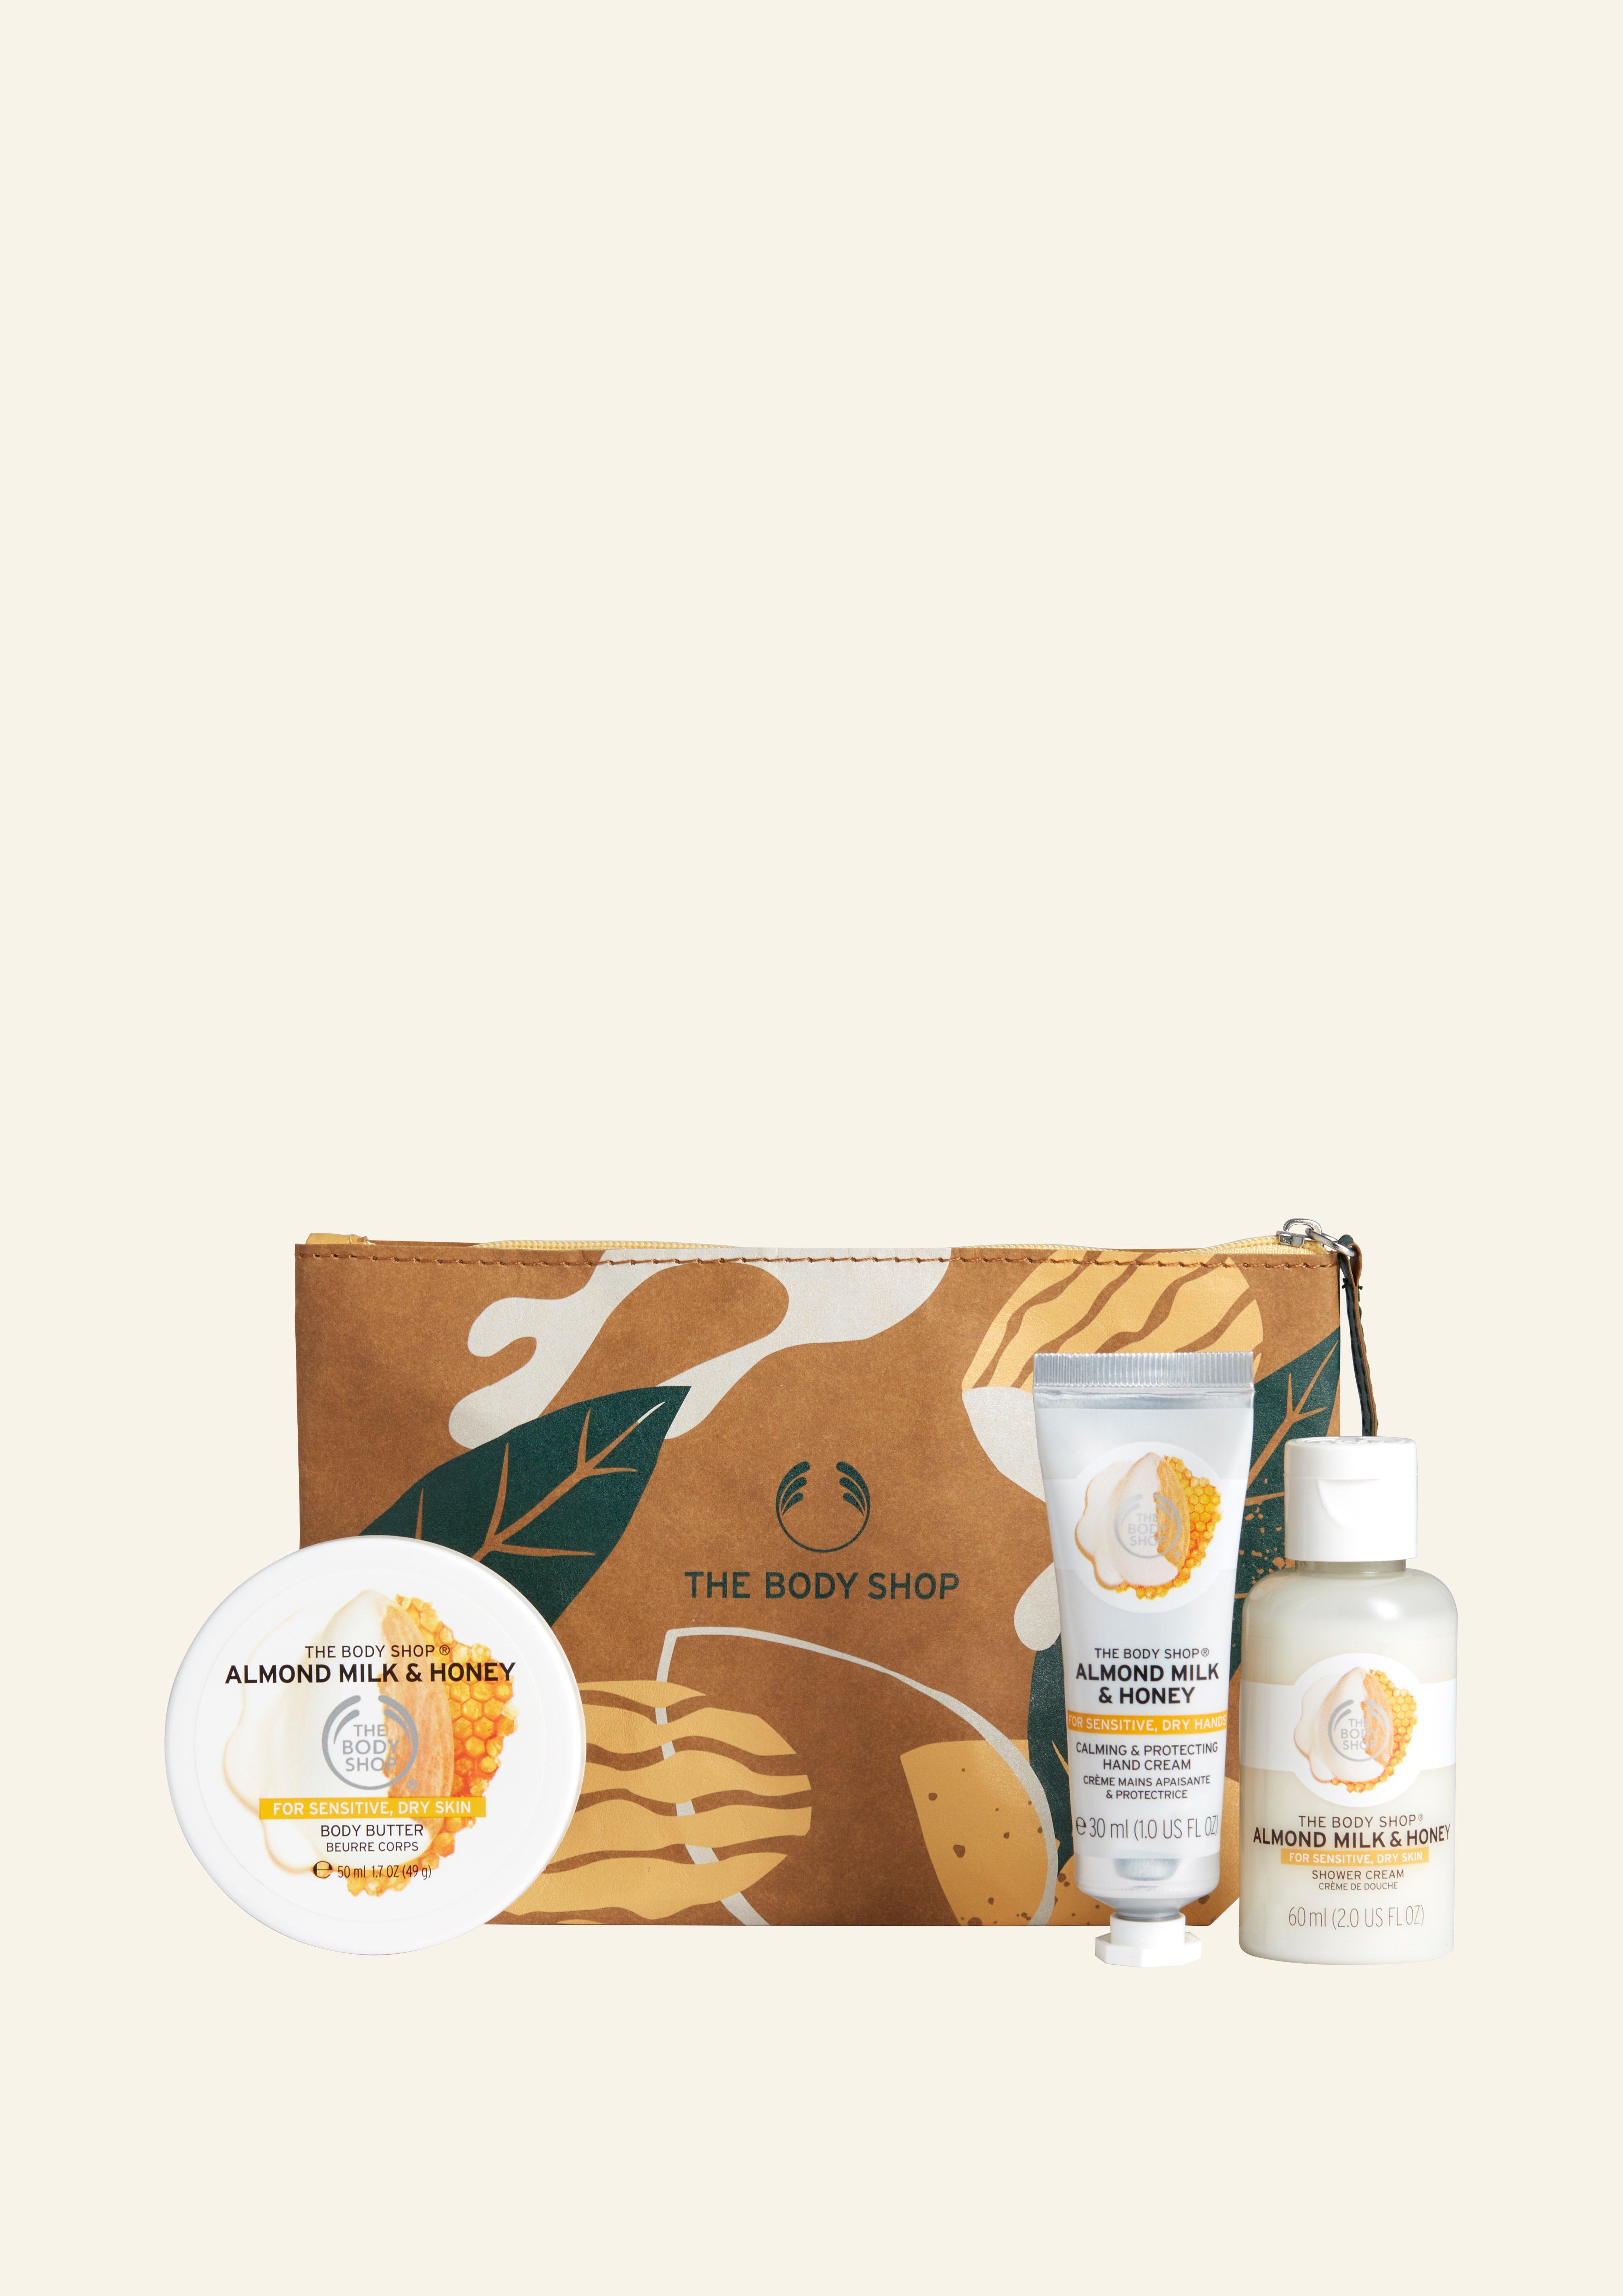 Çanta jonë e Dhuratave me Qumësht Bajameje dhe Mjalt